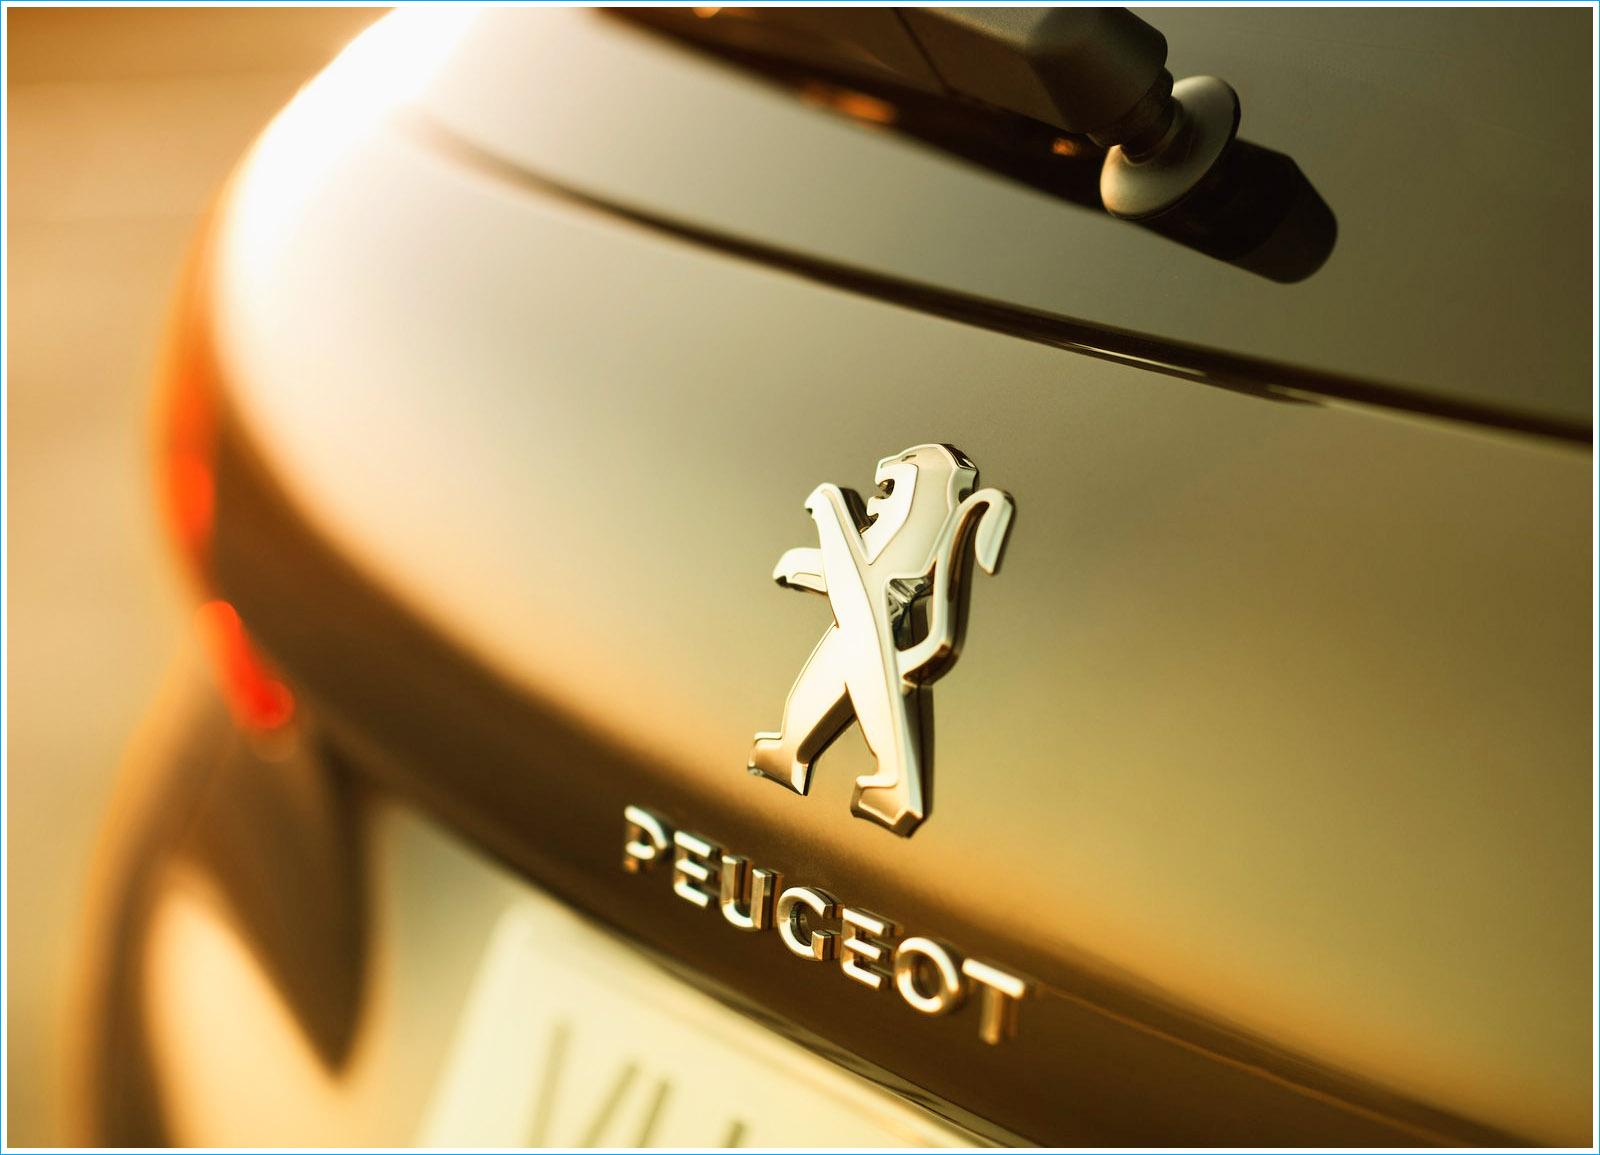 http://marque-voiture.com/wp-content/uploads/2015/10/La-description-du-logo-Peugeot.jpg